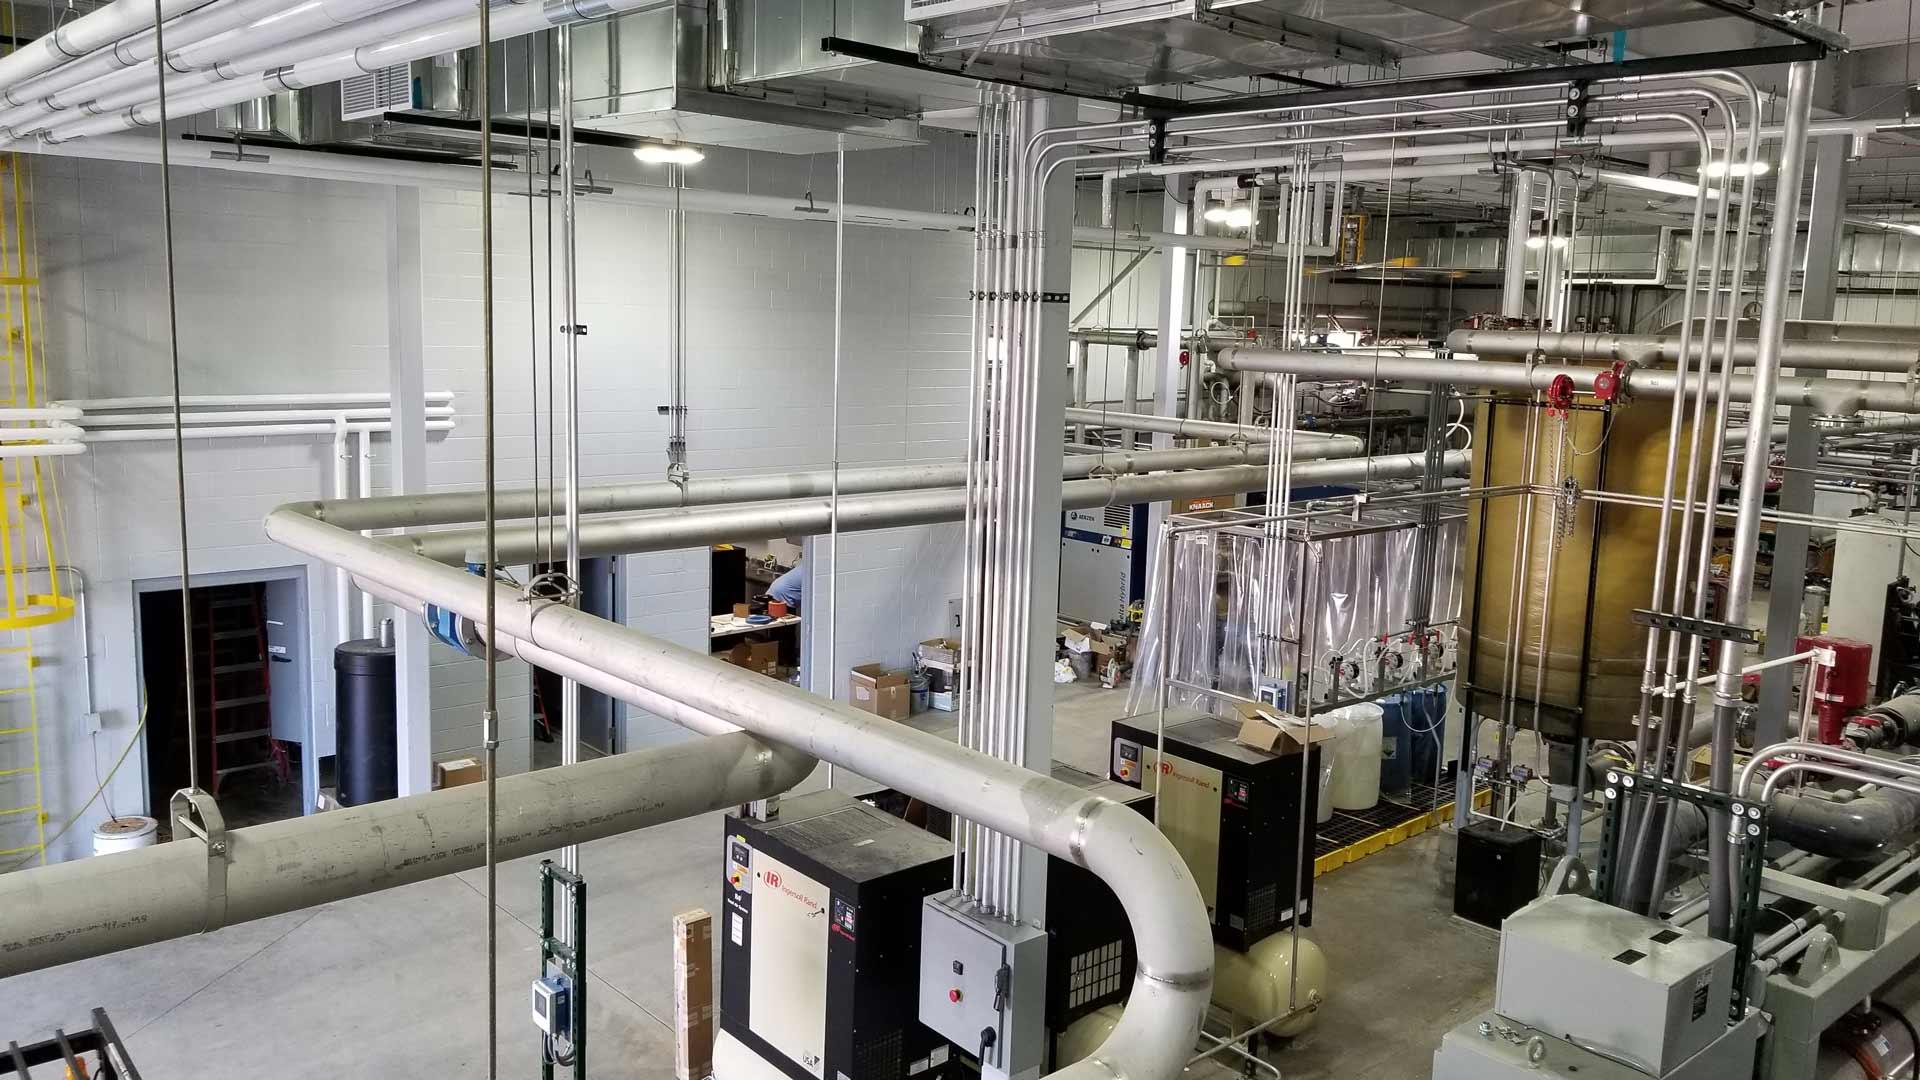 Mechanical machinery